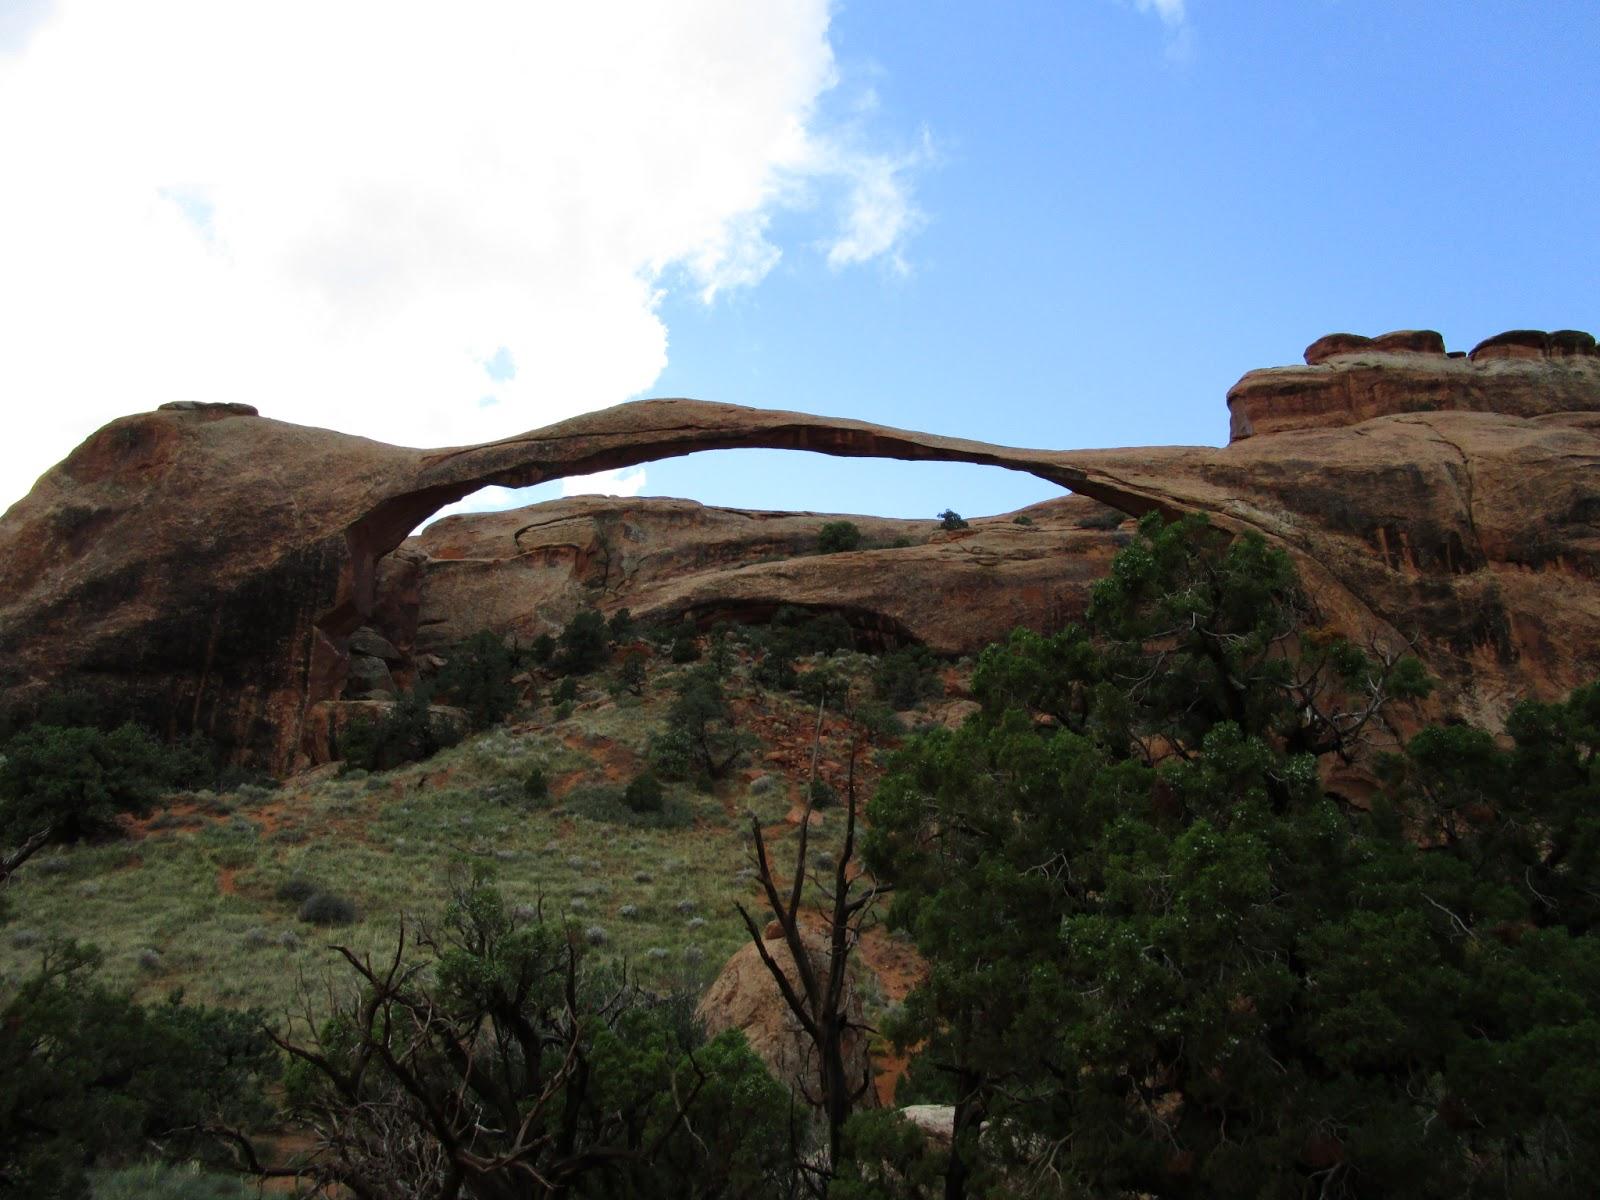 Пейзажная арка. Национальный парк Арчес, Юта (Arches National Park, UT)